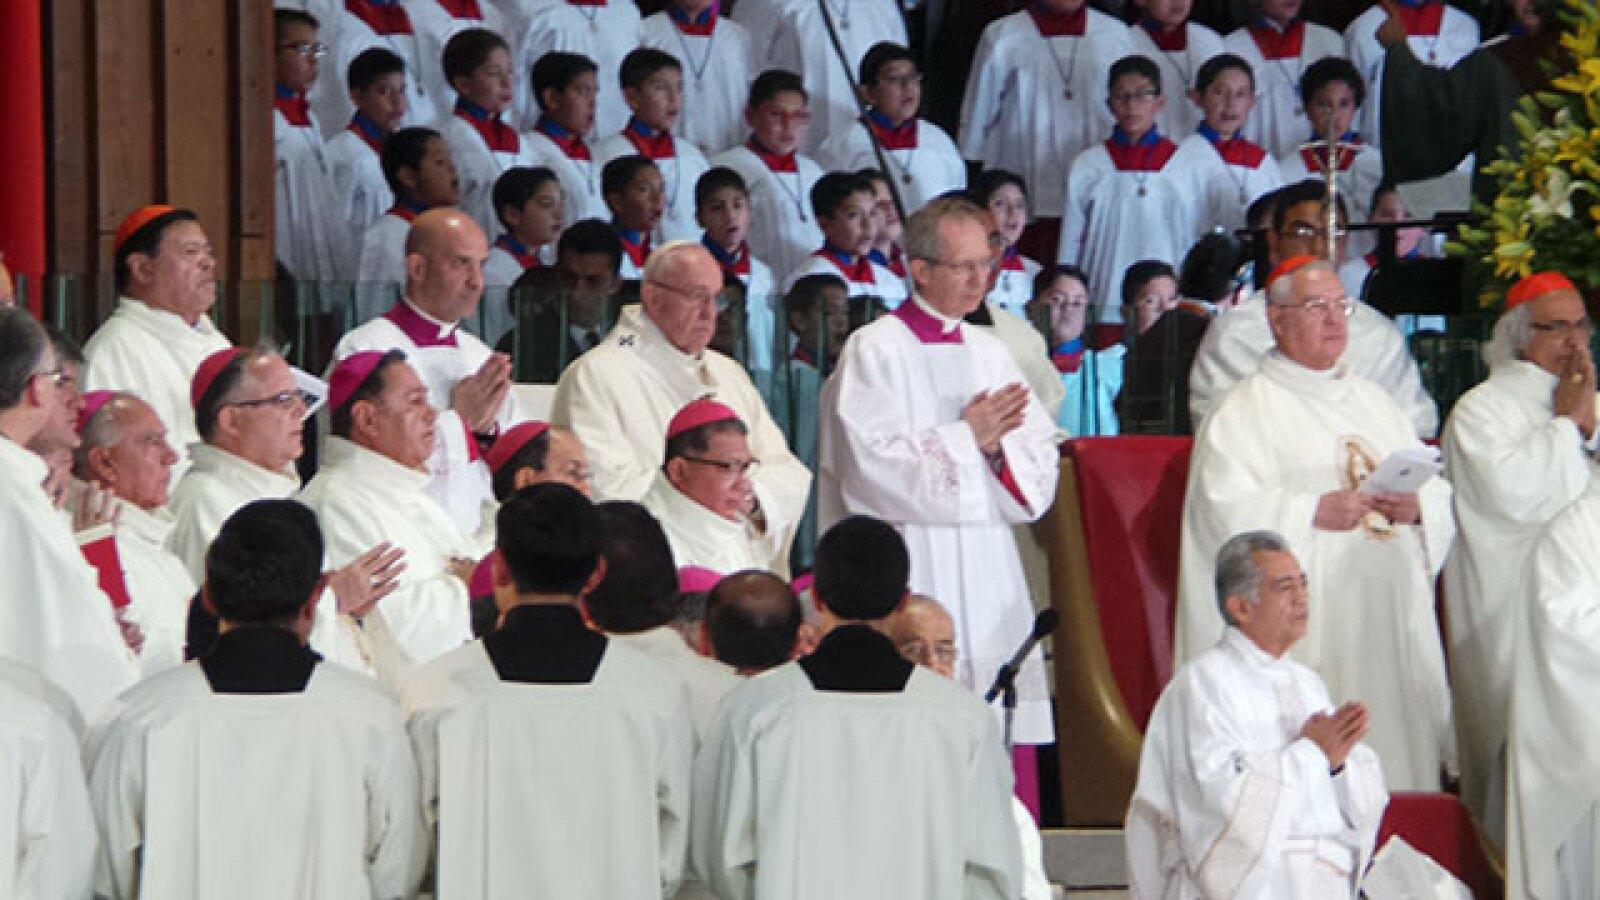 El Papa cumplió uno de sus sueños al estar frente a la virgen de Guadalupe, así lo hizo saber.